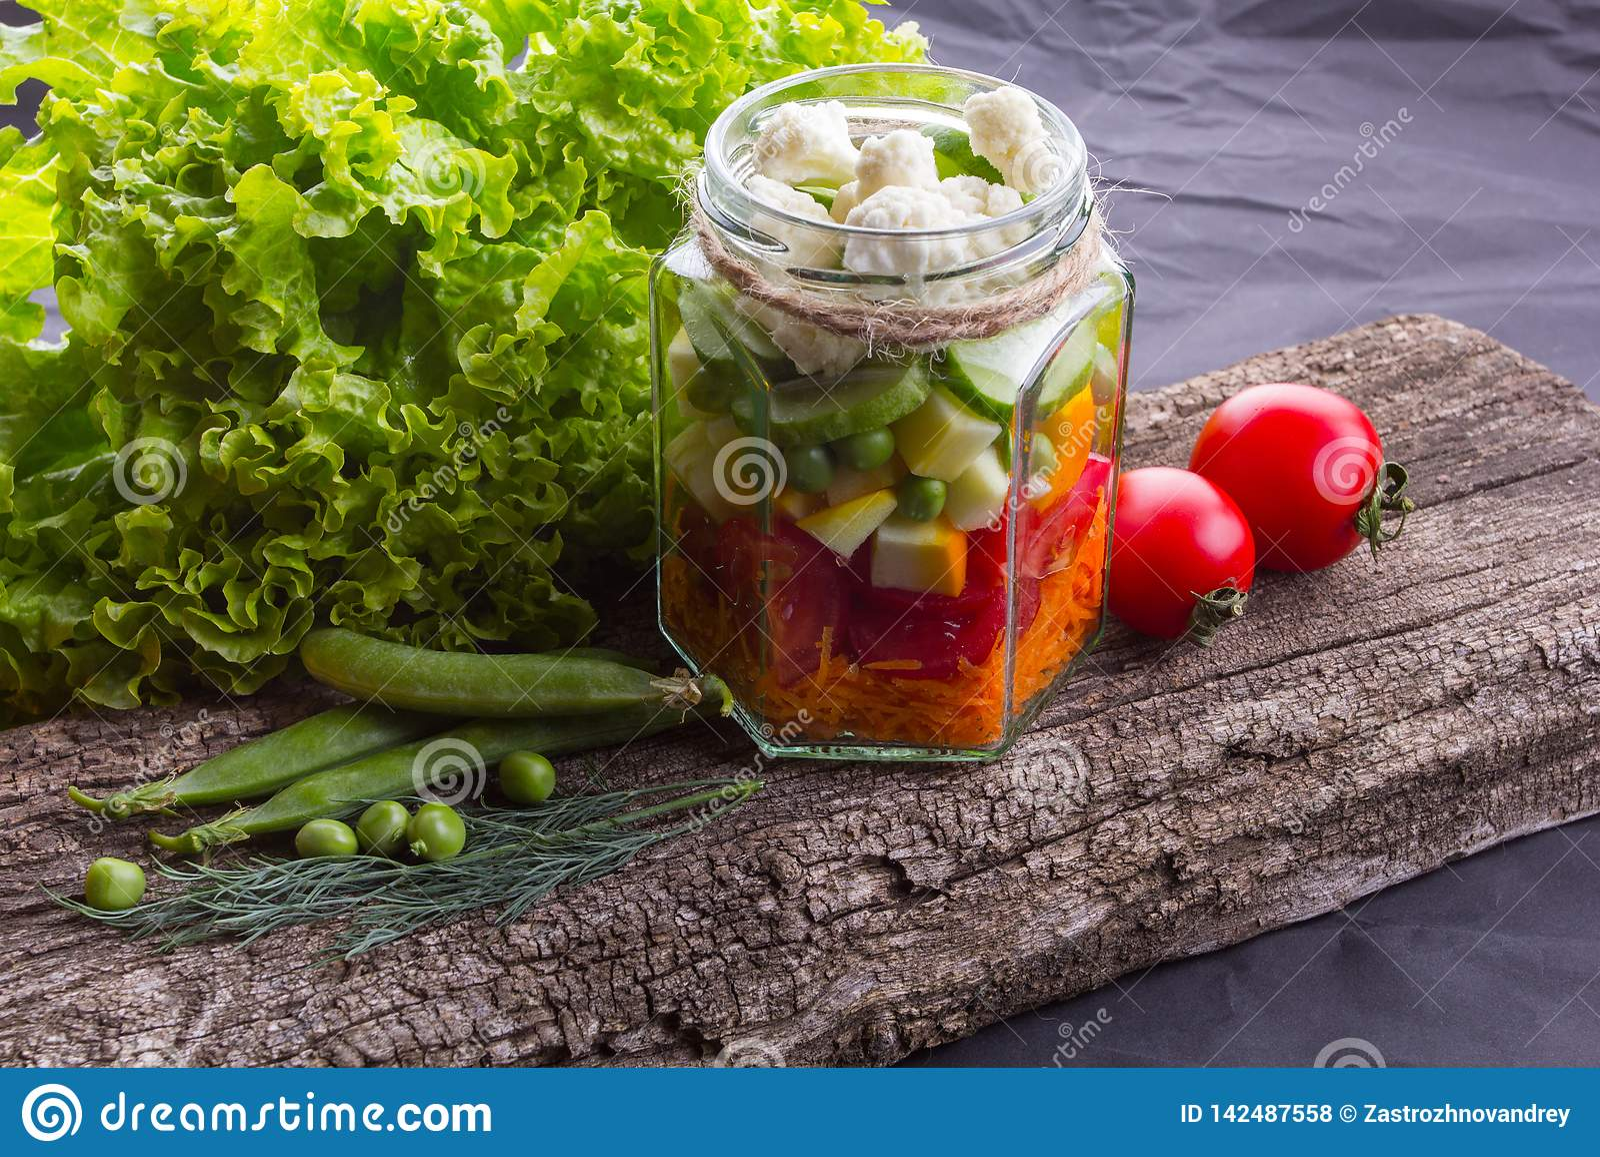 Salada do legume fresco com ervas em uma placa de madeira, fundo textured preto